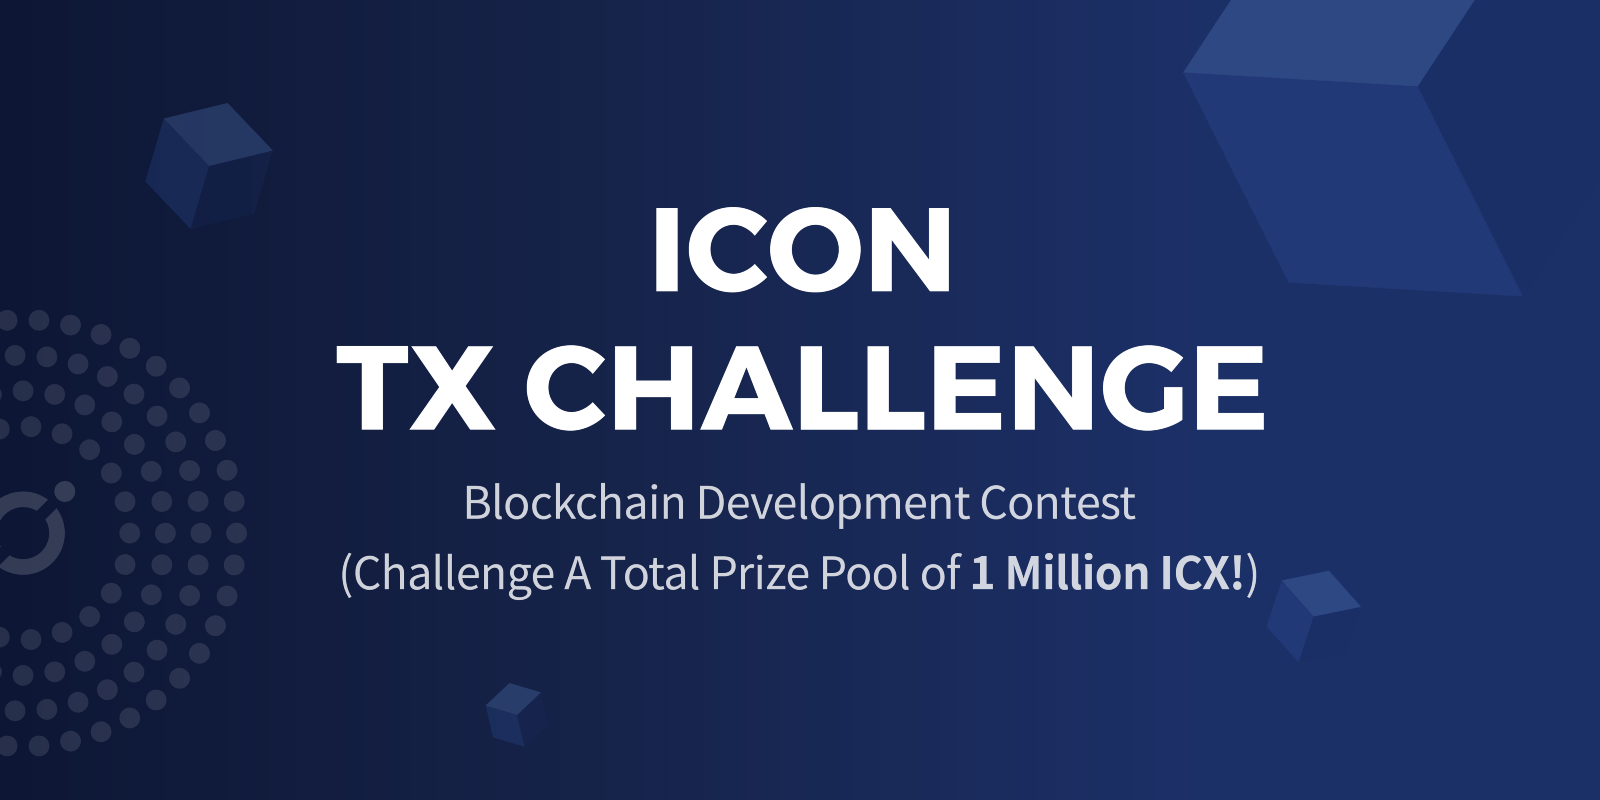 مشروع ICON يعلن عن مسابقة جديدة لتوزيع مليون من عملات (ICX) الرقمية